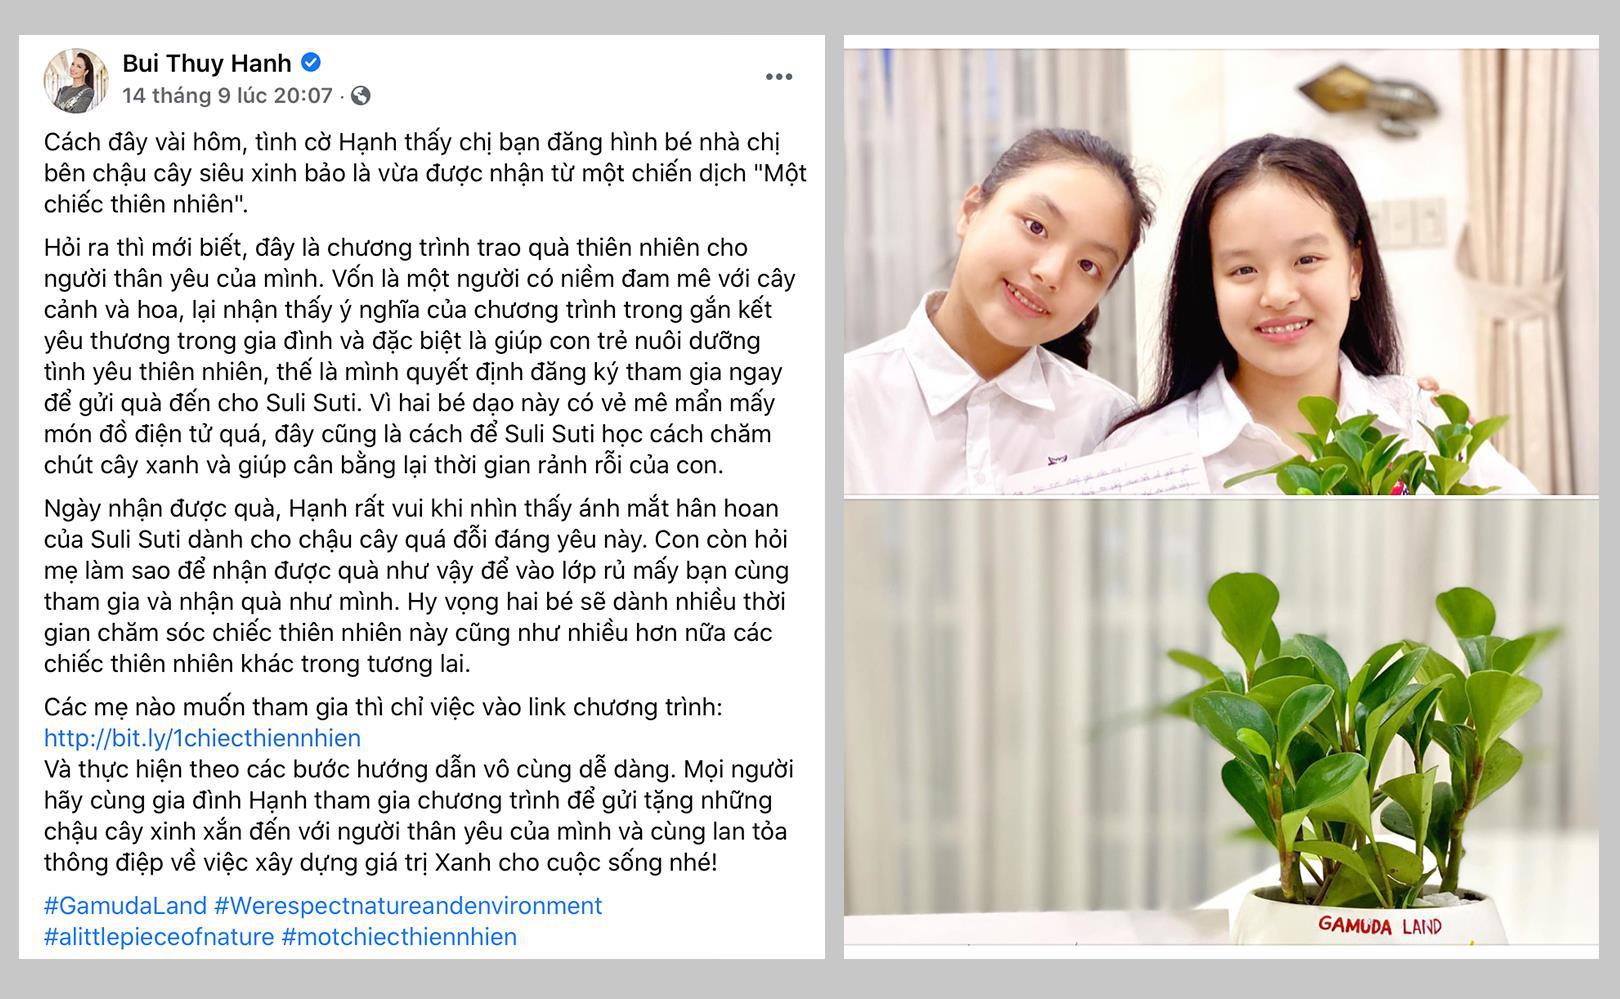 """Sao Việt hào hứng tham gia chiến dịch truyền cảm hứng siêu cute """"Một chiếc thiên nhiên"""" - Ảnh 1."""